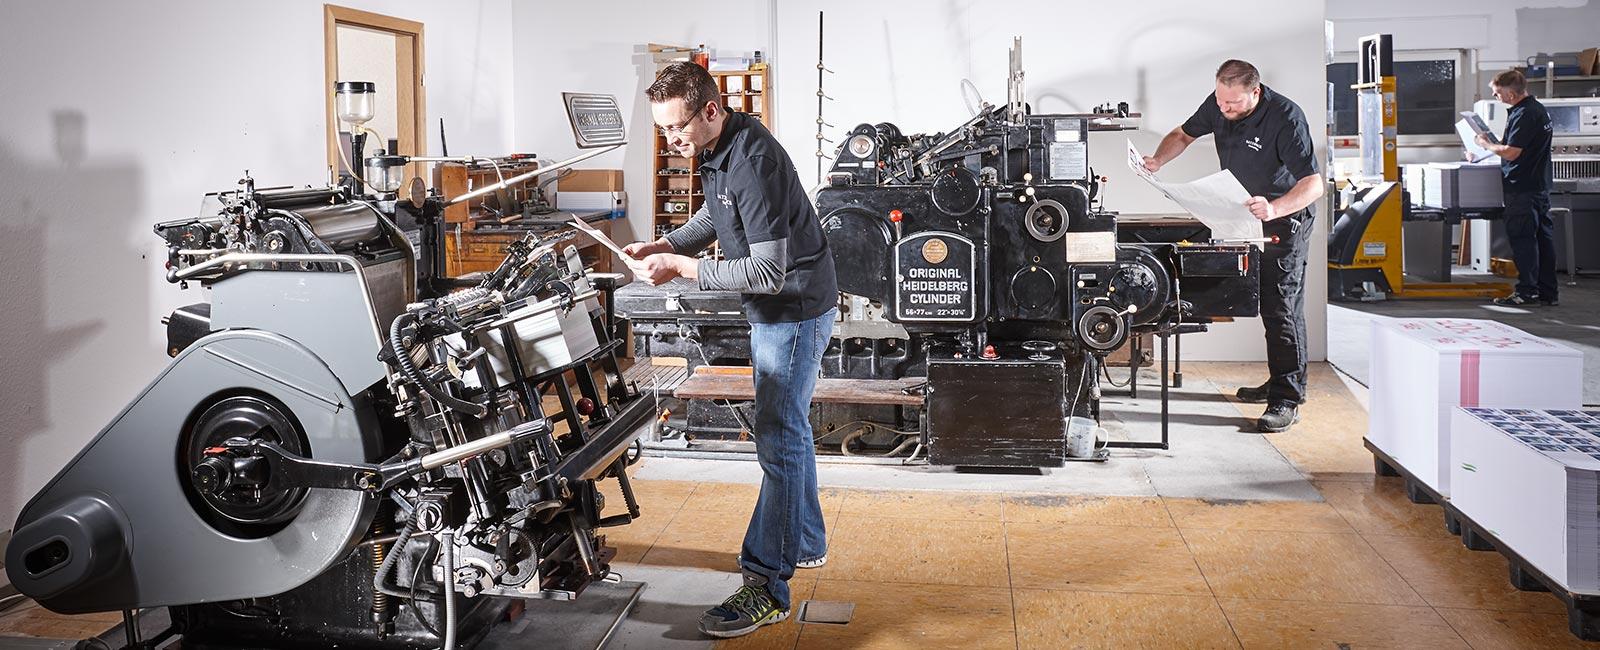 Letterpress auf Heidelberg-Zylinder- Druckerei Satzdruck Coesfeld-Lette im Münsterland